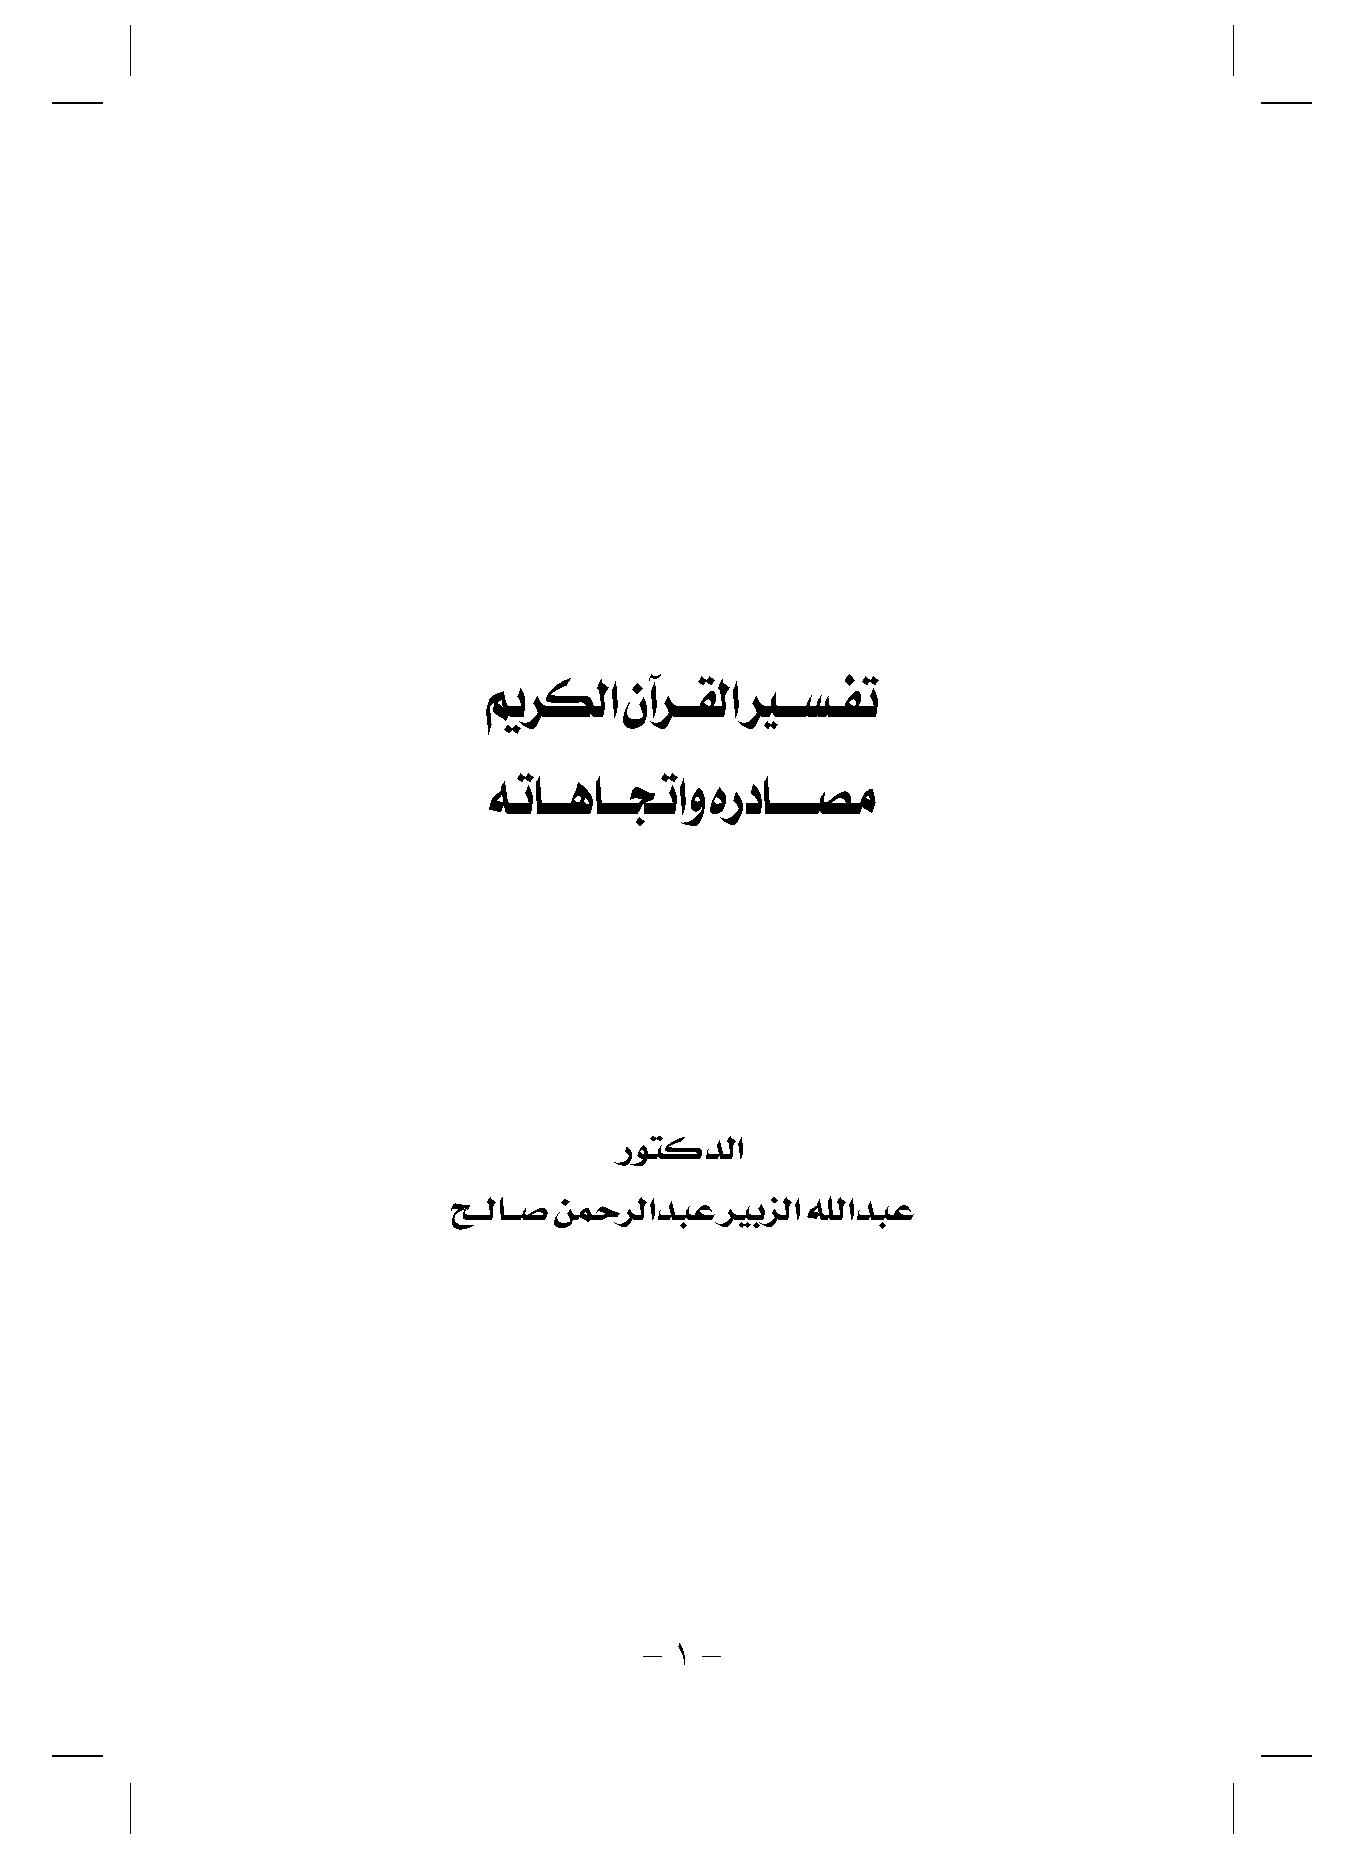 تحميل كتاب تفسير القرآن الكريم مصادره واتجاهاته لـِ: الدكتور عبد الله الزبير عبد الرحمن صالح